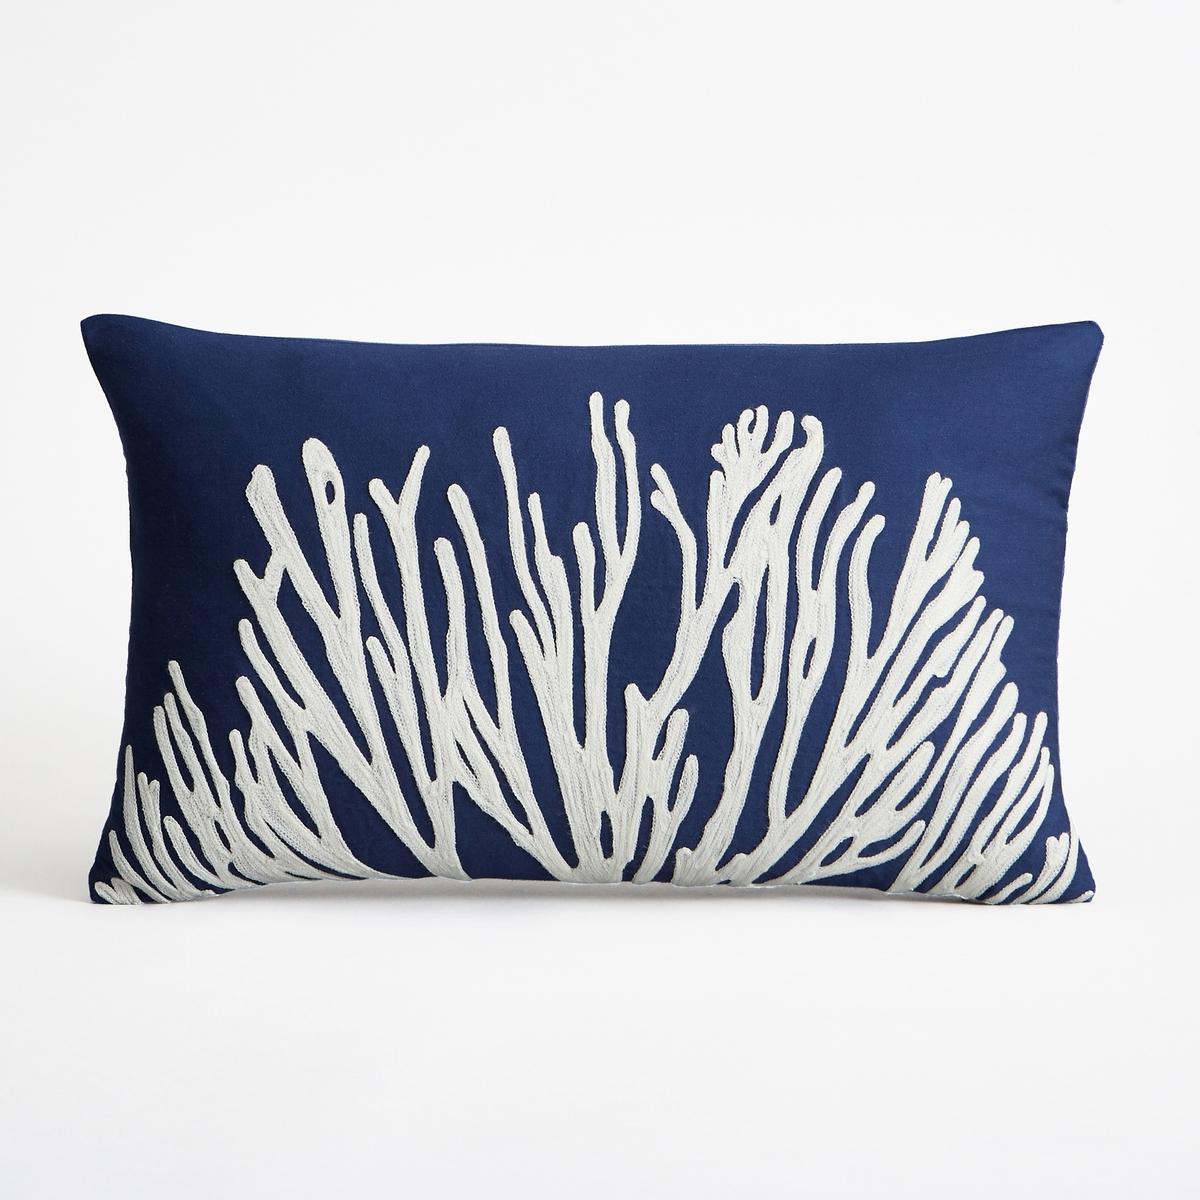 Наволочка на подушку-валик, MarianaНаволочка на подушку-валик Mariana. В морском стиле с вышитым рисунком в виде коралла белого цвета. Однотонная оборотная сторона темно-синего цвета. Из сатина, на подкладке из нетканого материала. Застежка на скрытую молнию внизу. Размеры : 50 x 30 см. Подушка продается отдельно.<br><br>Цвет: синий морской